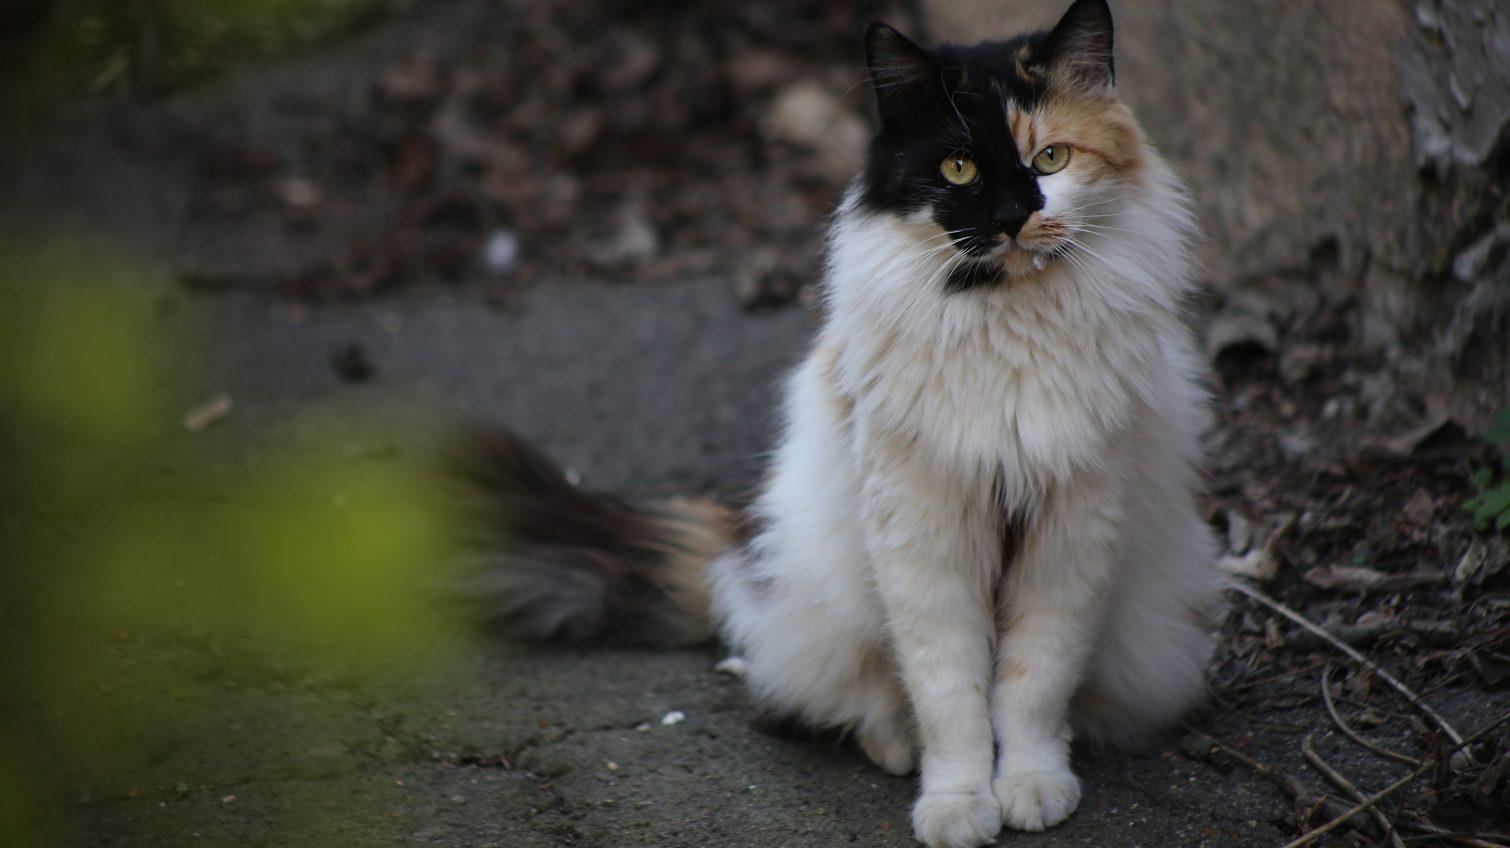 В Одессе оштрафовали живодера, который выбросил кота со связанными лапами из окна 4 этажа «фото»